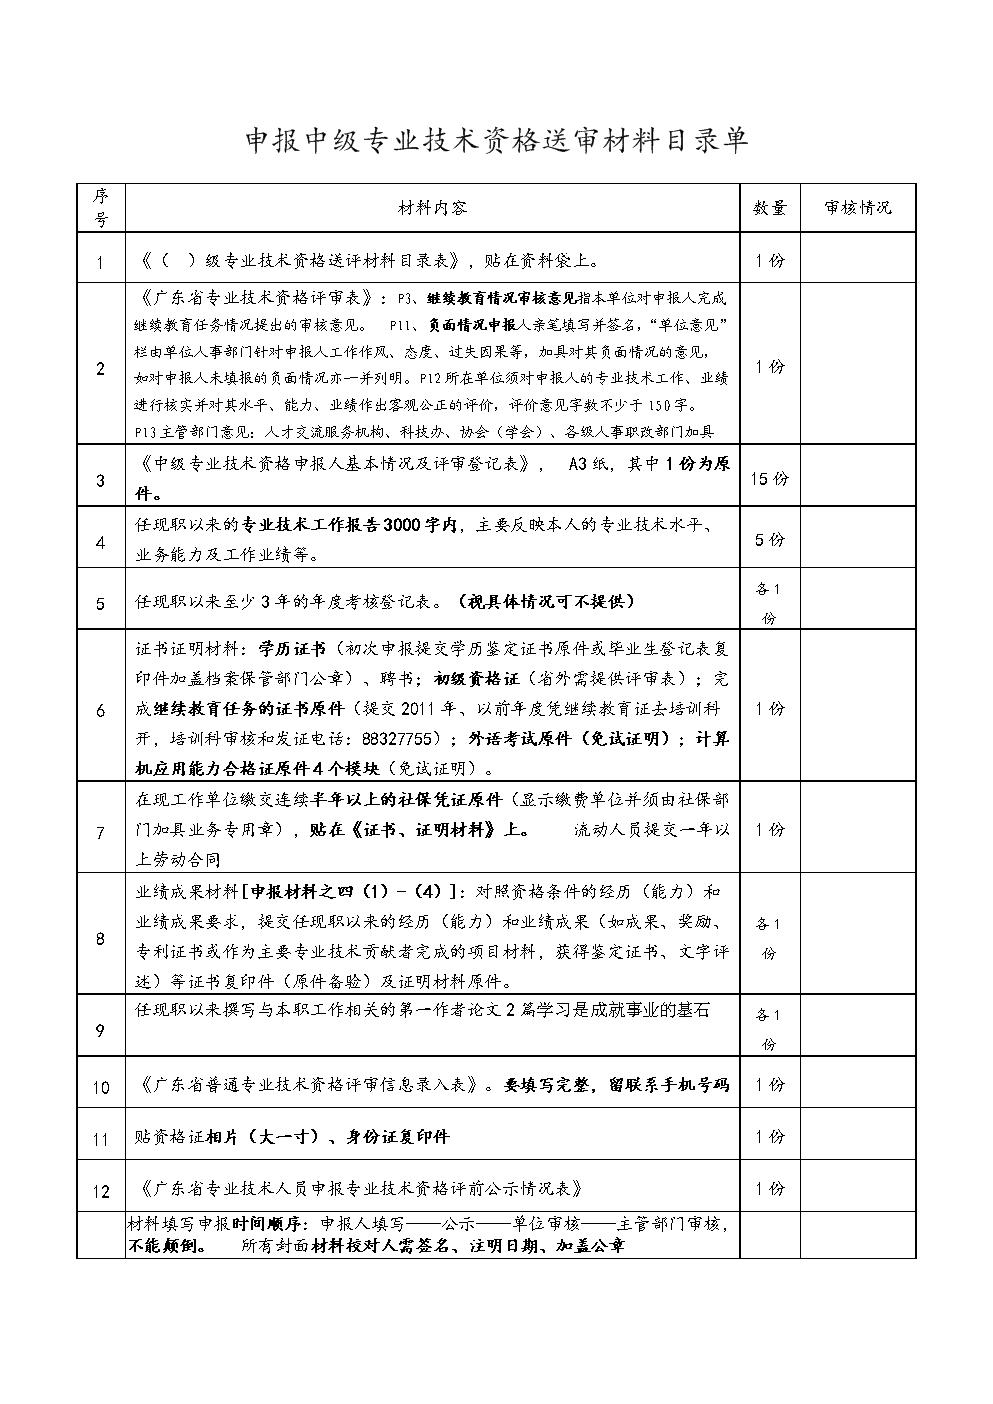 申报中级专业技术资格送审材料目录清单-2013.doc